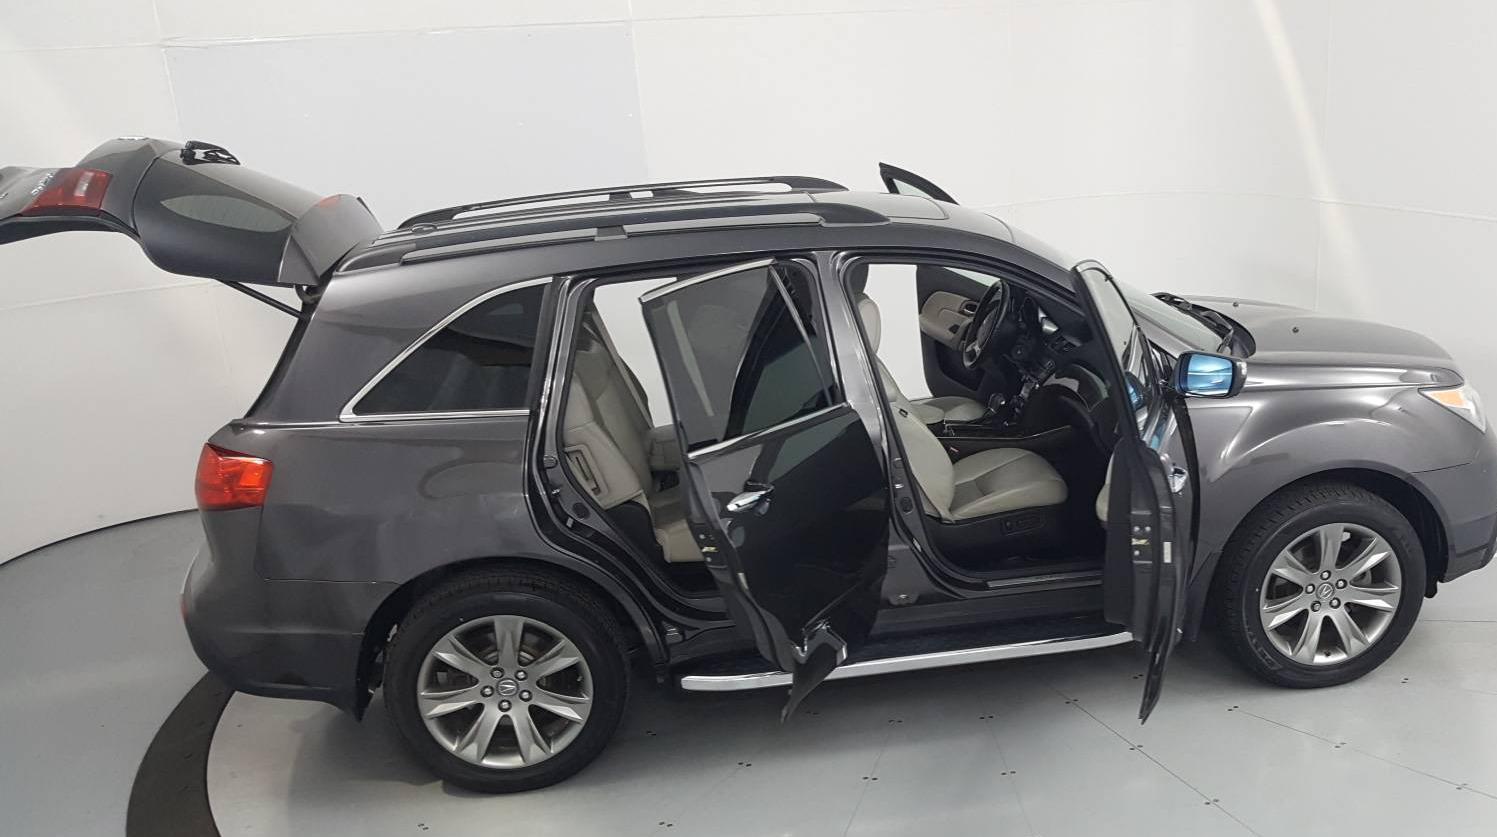 2010 Acura MDX Sport Utility